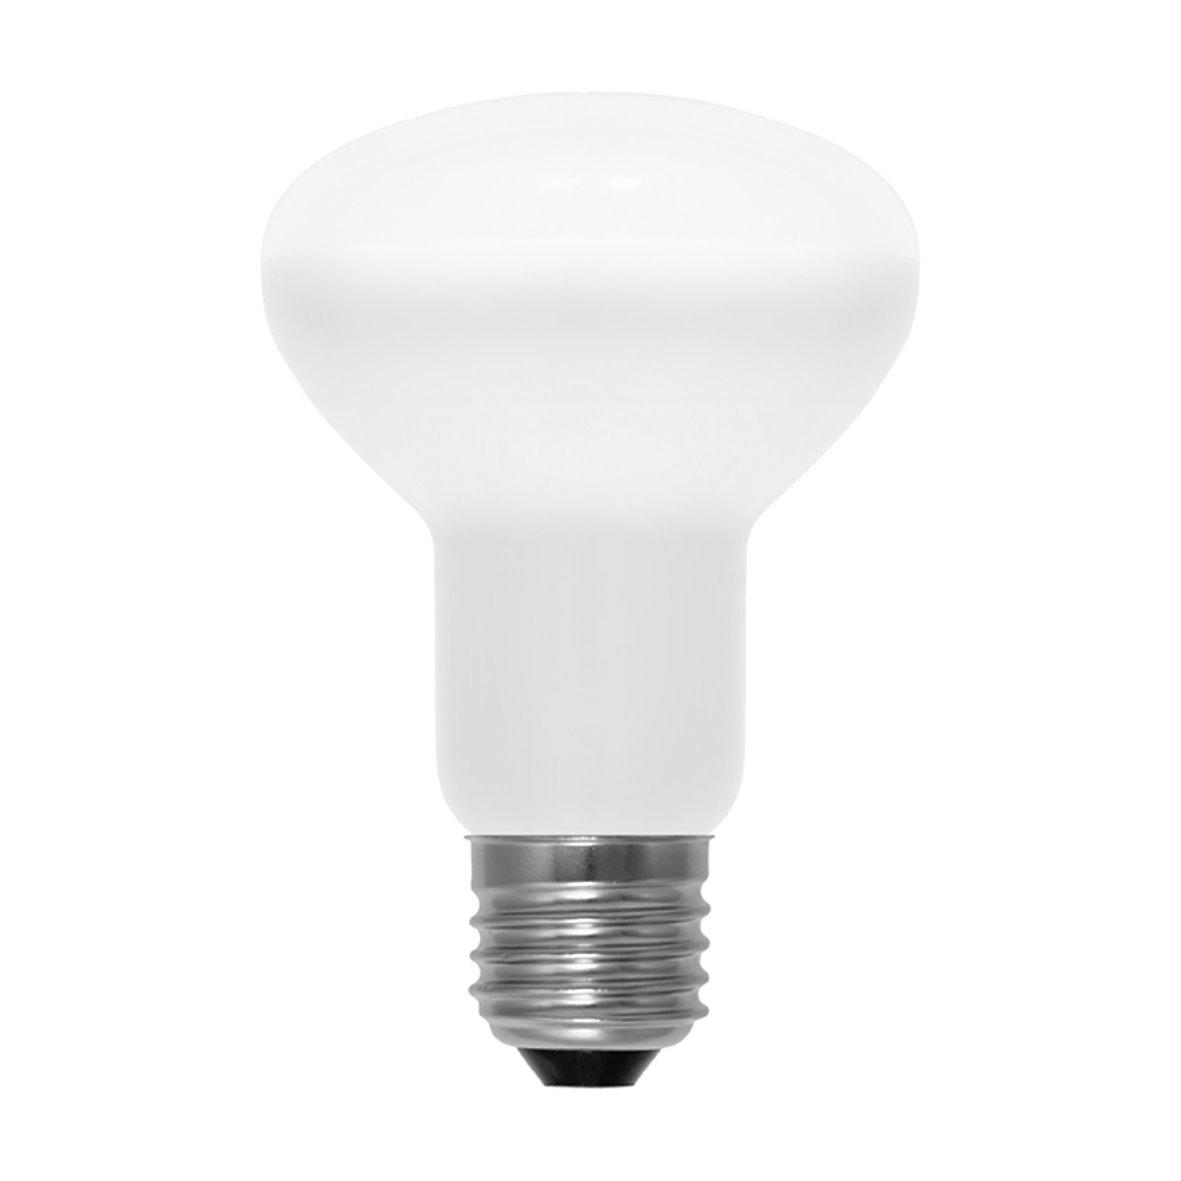 segula led smd leuchtmittel spot strahler reflektor dimmbar dimmable lampe 230v ebay. Black Bedroom Furniture Sets. Home Design Ideas